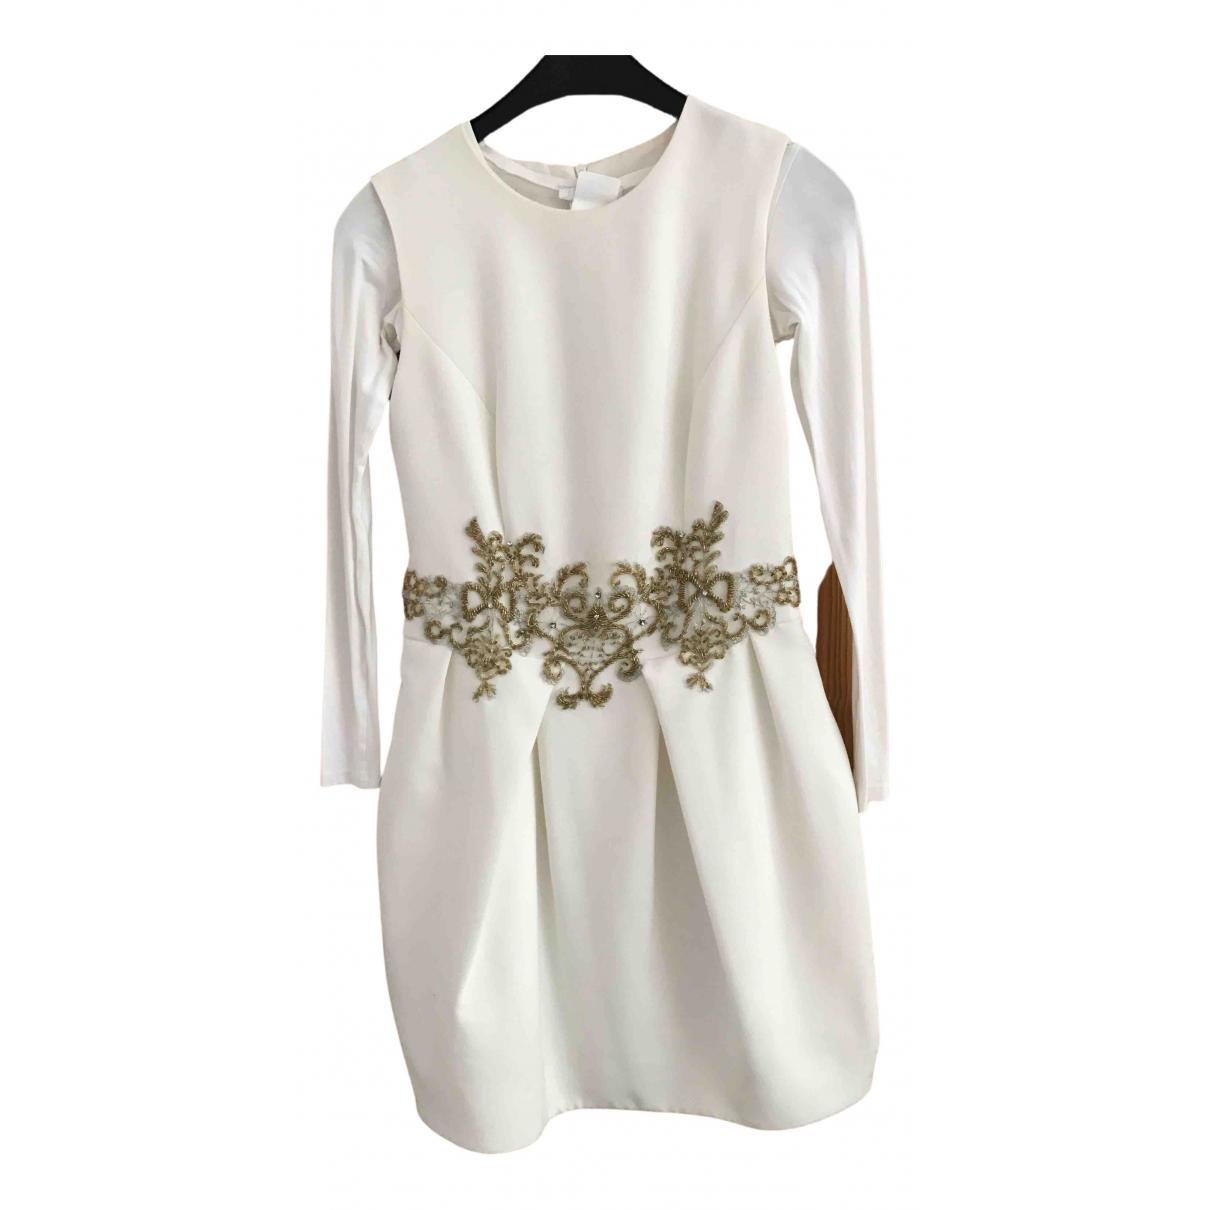 Babaa \N Kleid in Baumwolle